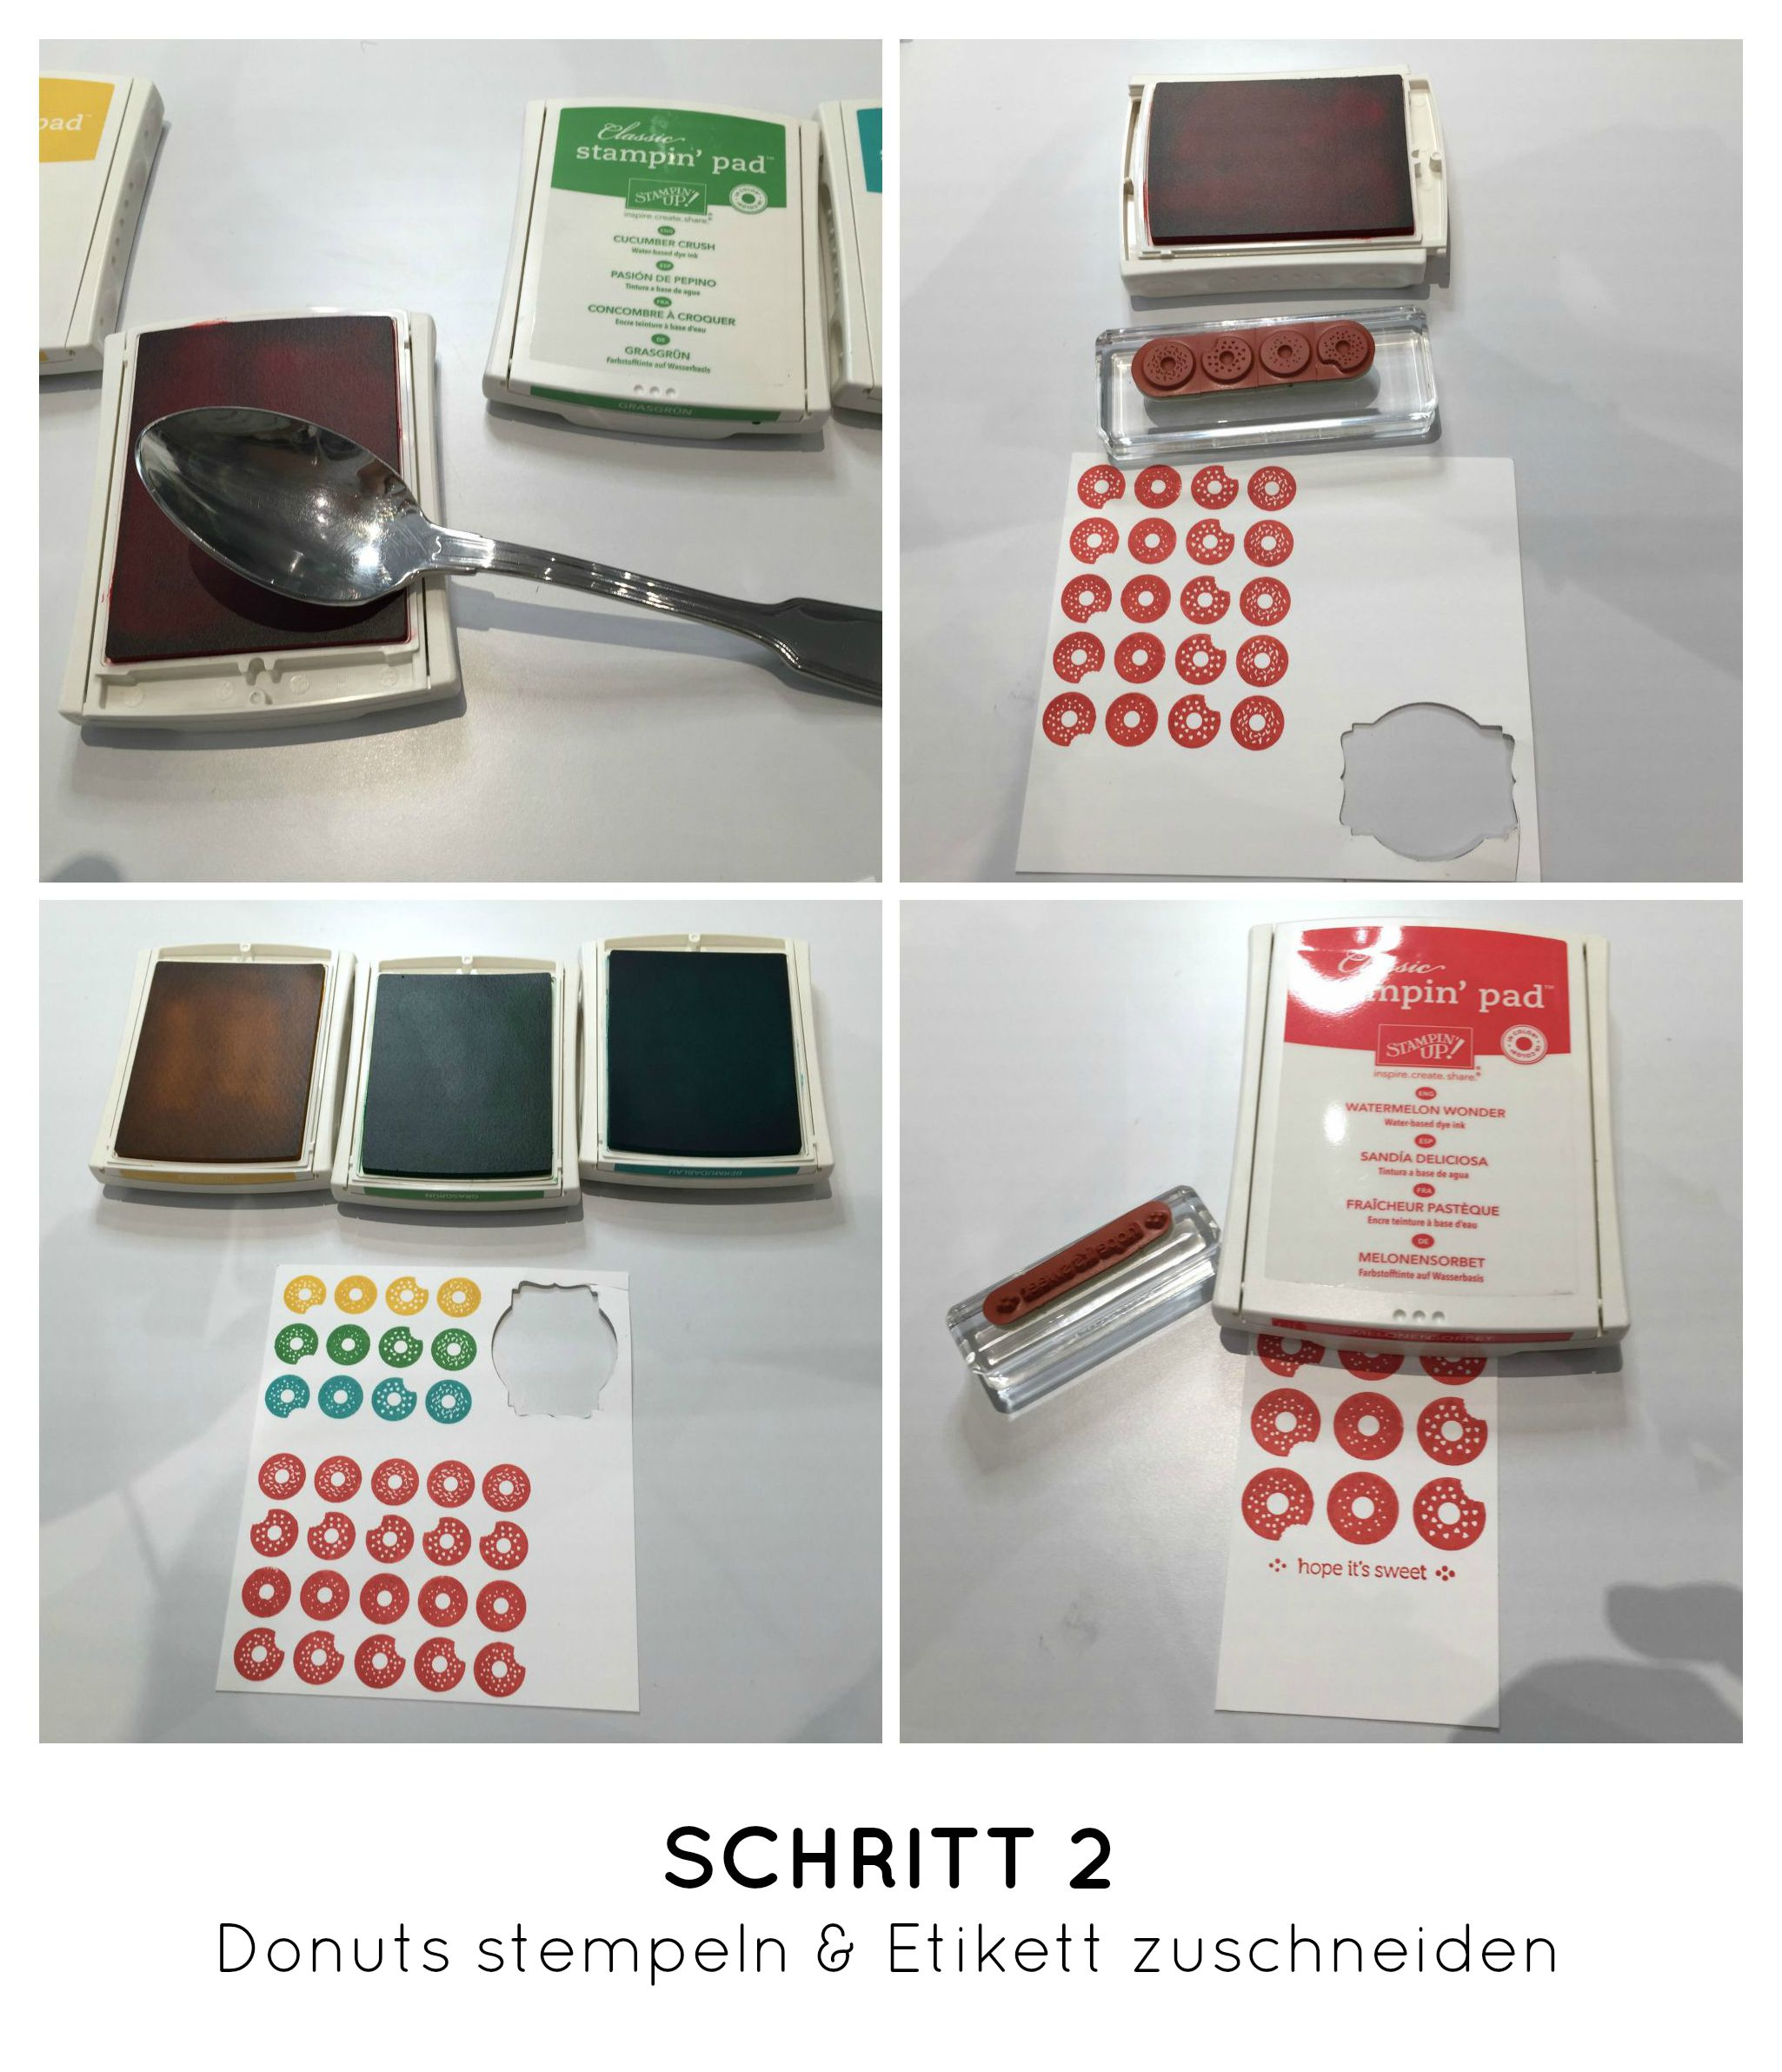 Stampin Up-Stempelherz-Geburtstag-Verpackung-Bag-Geburtstagskarte-Zeig es am Montag Geburtstagsset Sprinkles on Top - Schritt 02b